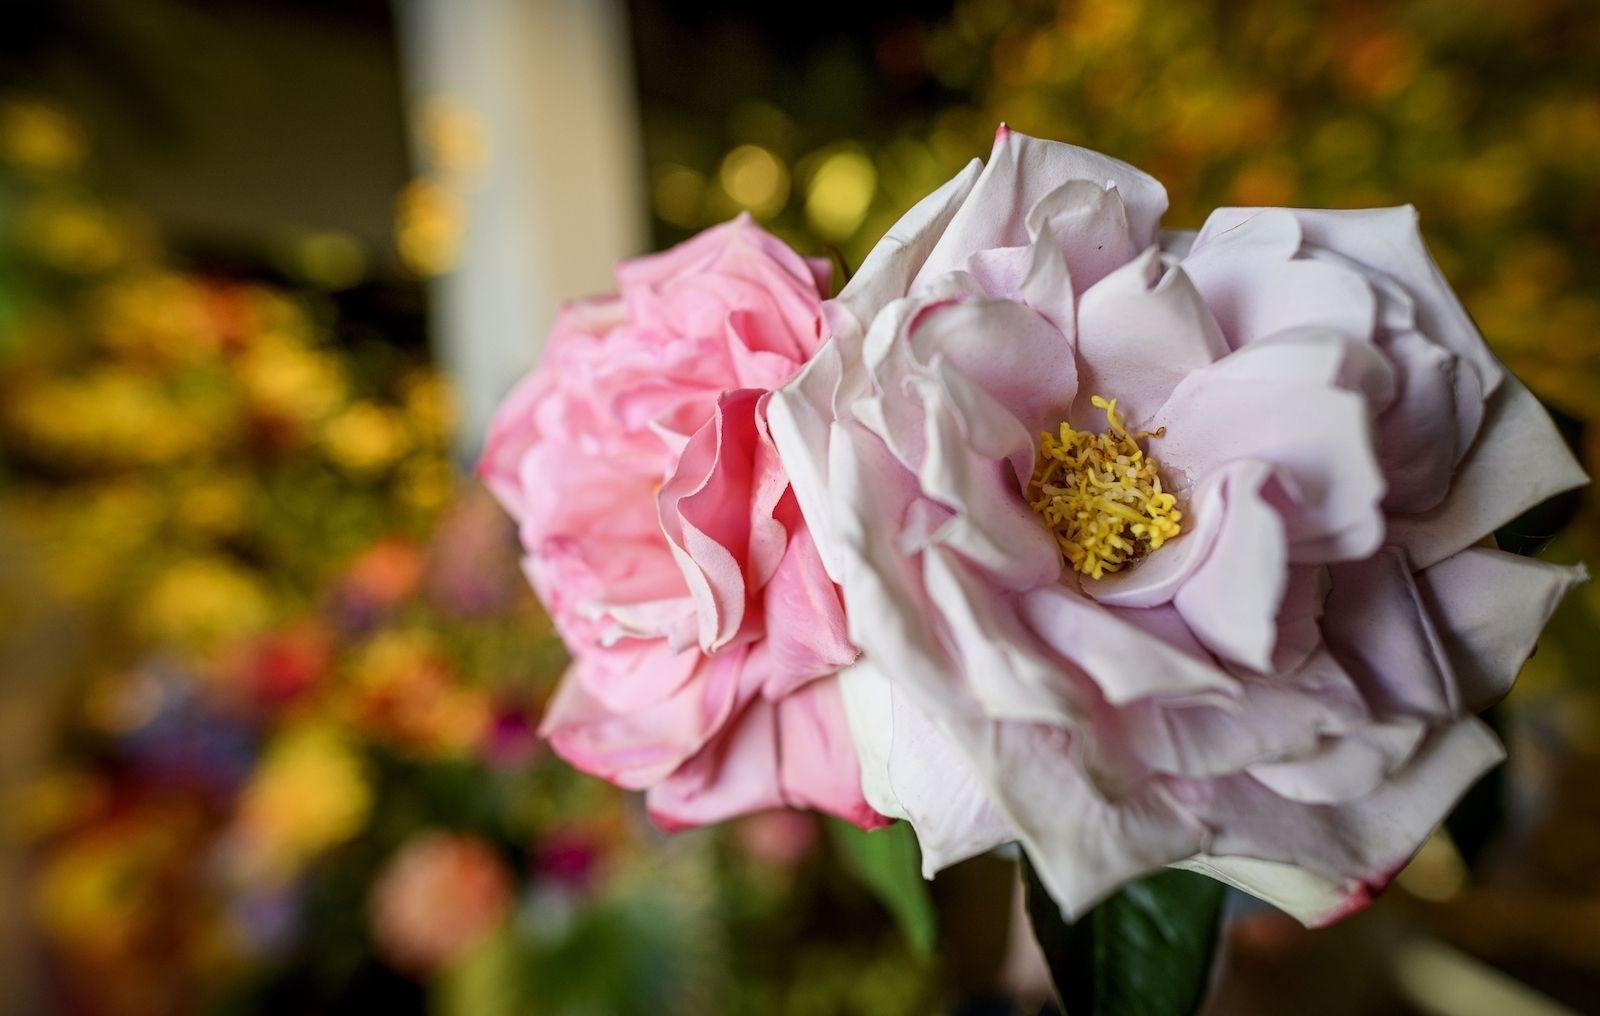 Silk ka kunstbloemen twente hengelo harrods louis vuitton Patrick Oude Groeniger